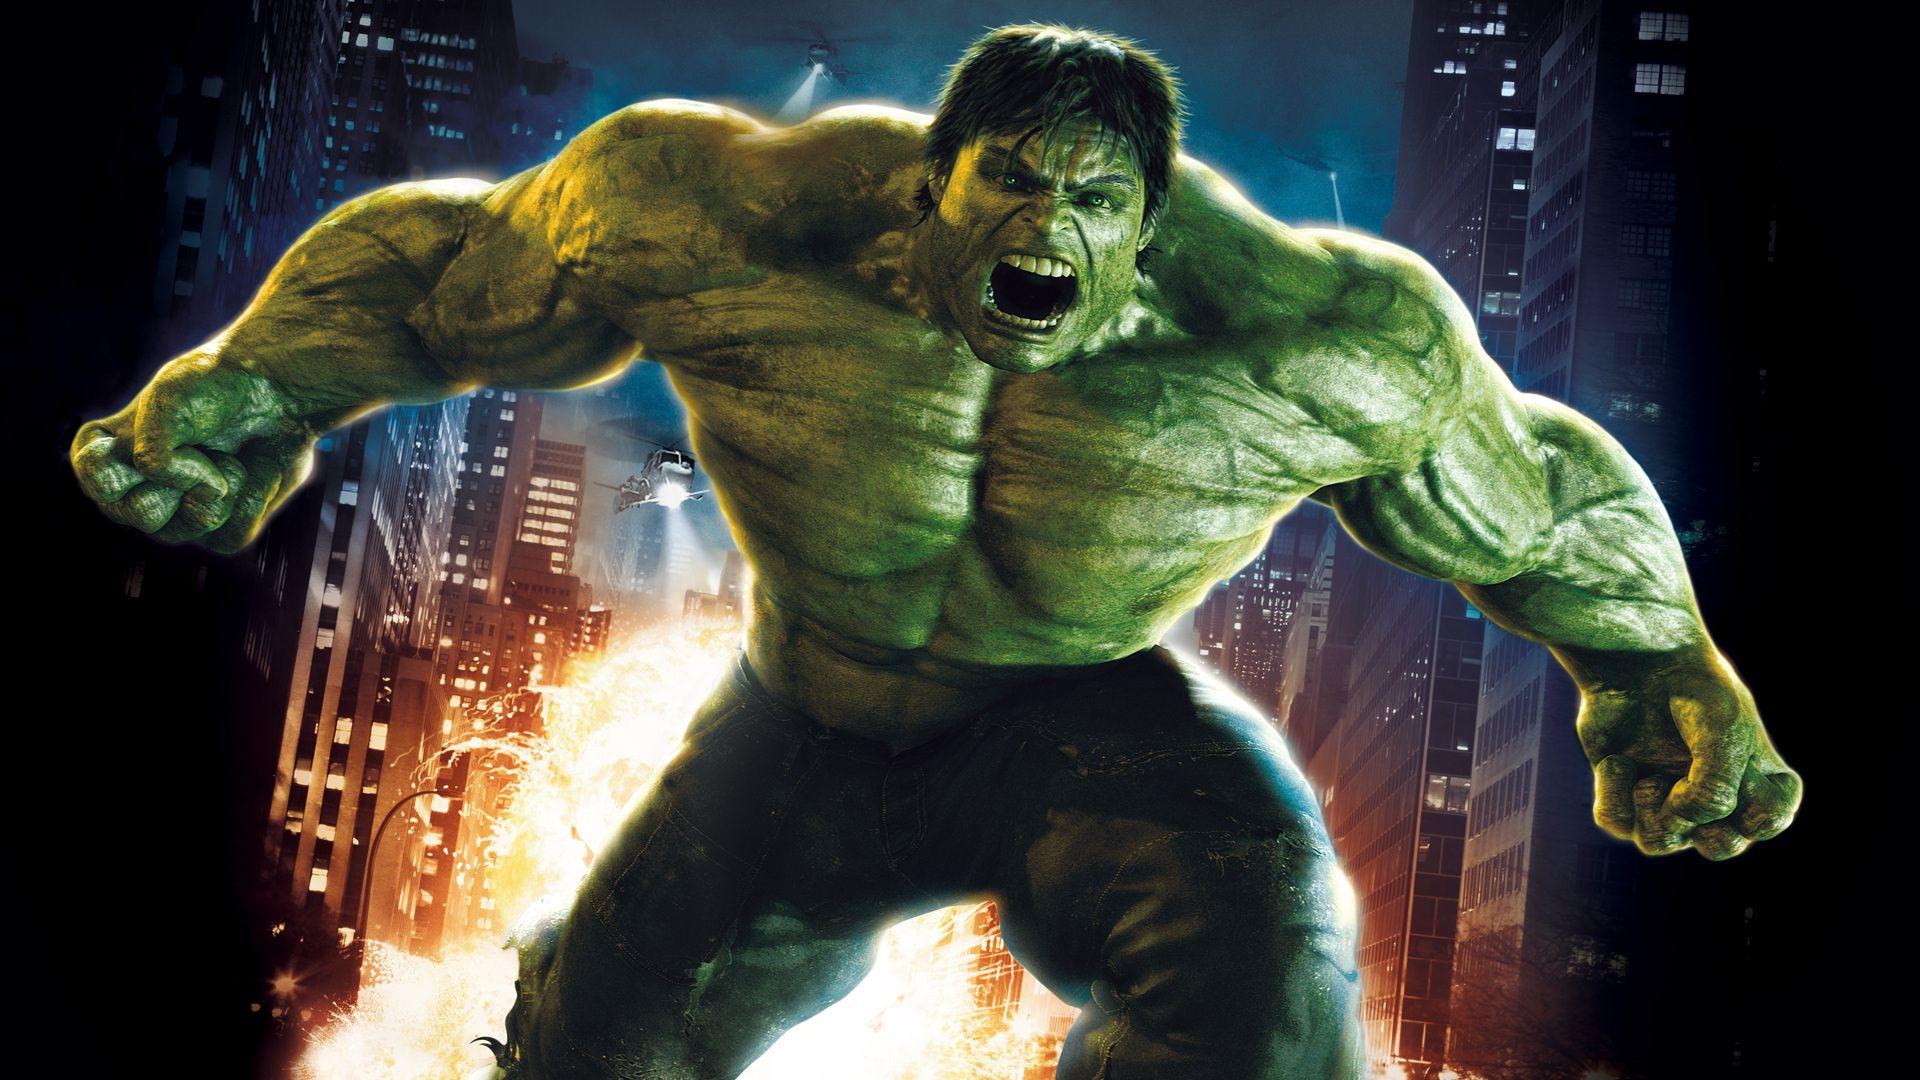 Orden peliculas Marvel - El increíble Hulk